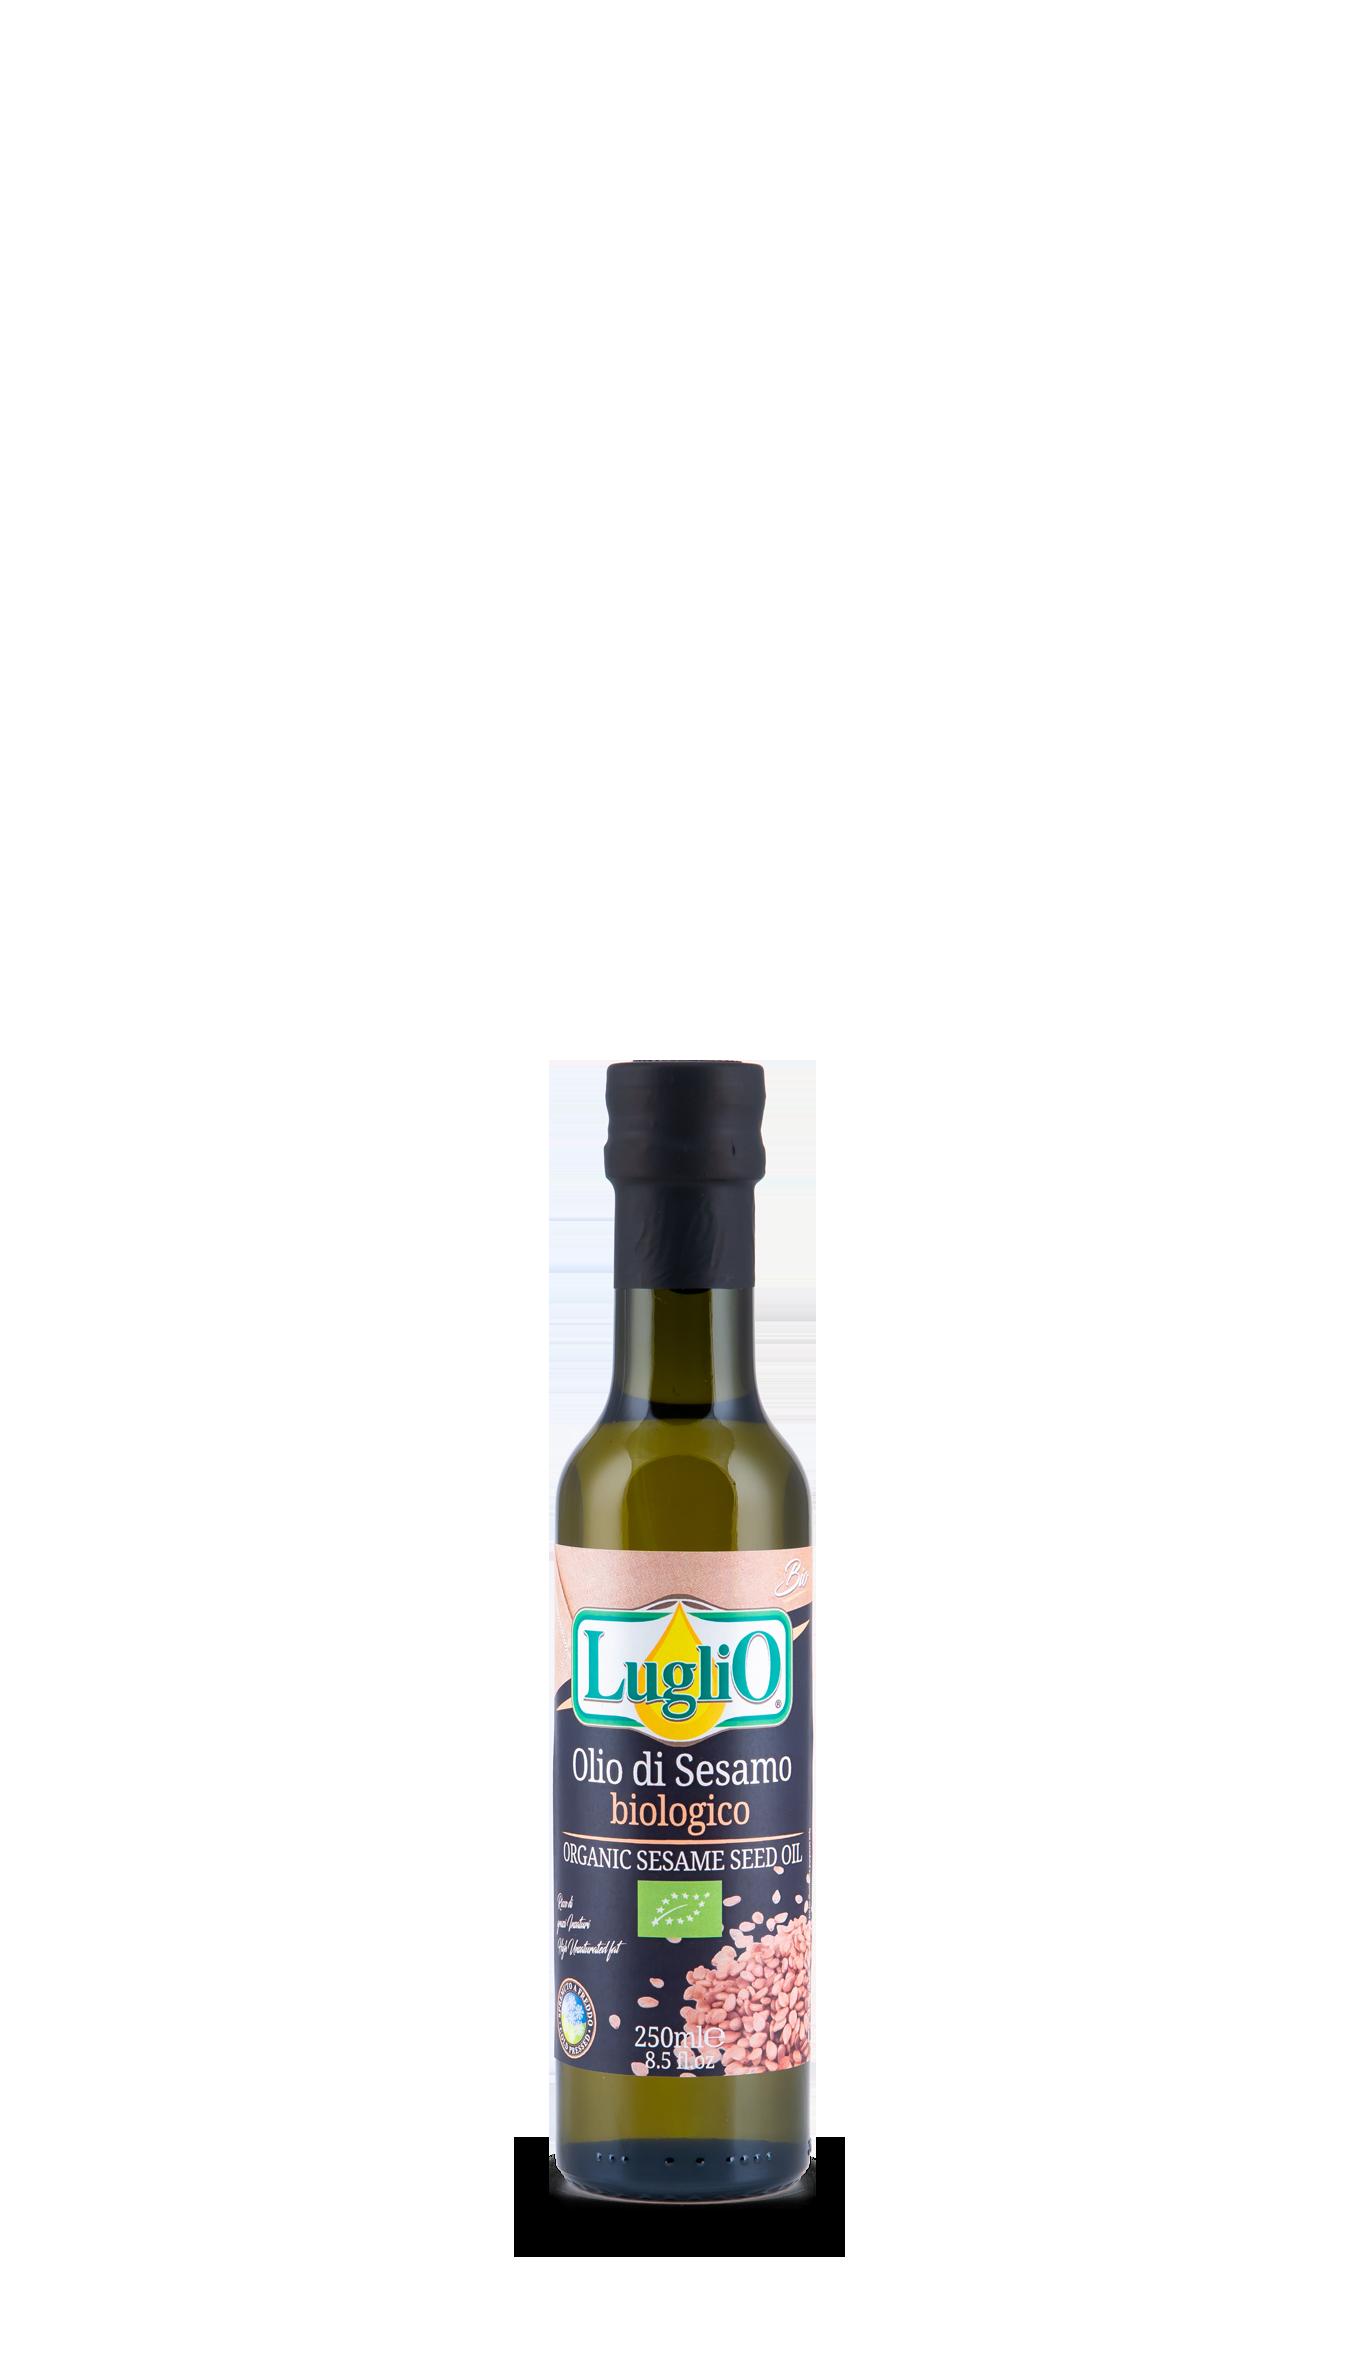 olio di sesamo 250 ml olio luglio